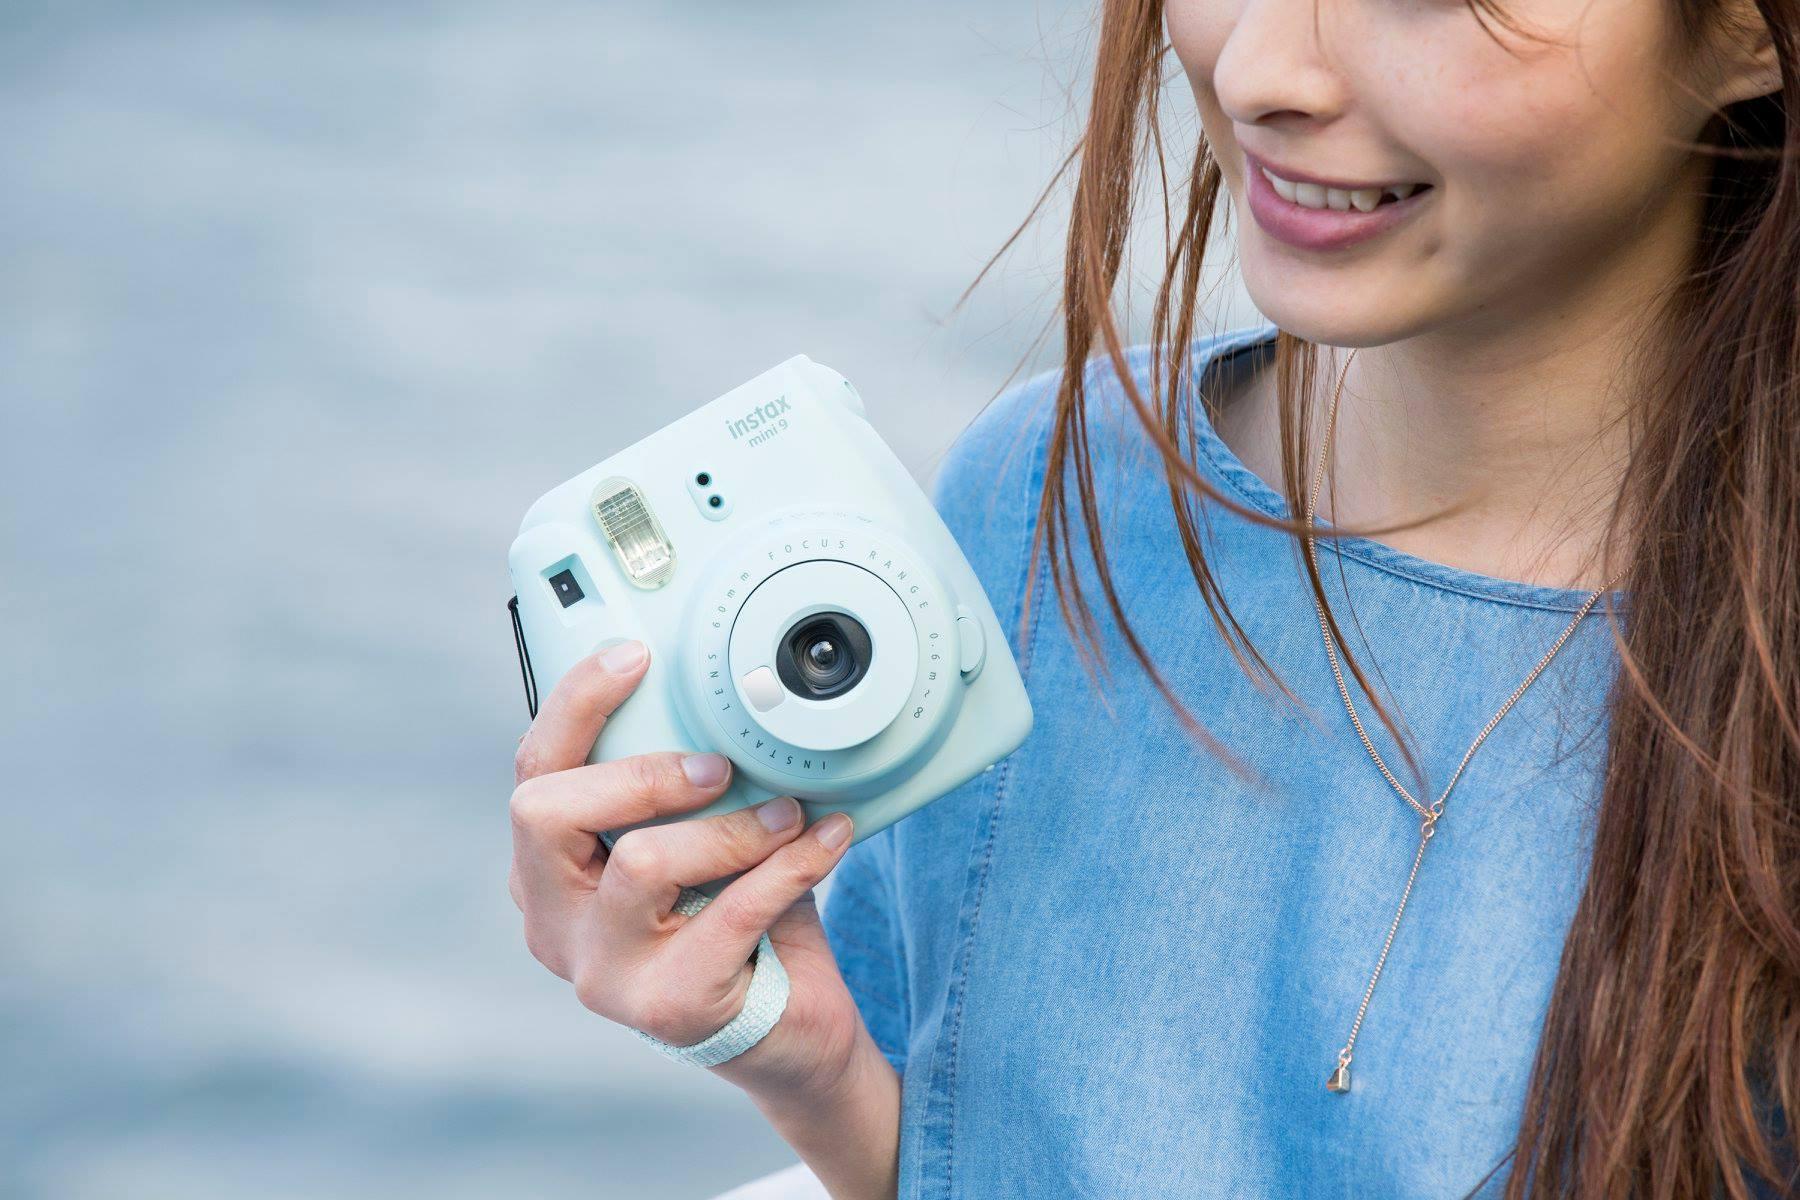 #Tech ¿Cómo sacar una buena foto con tu INSTAX de Fujifilm?